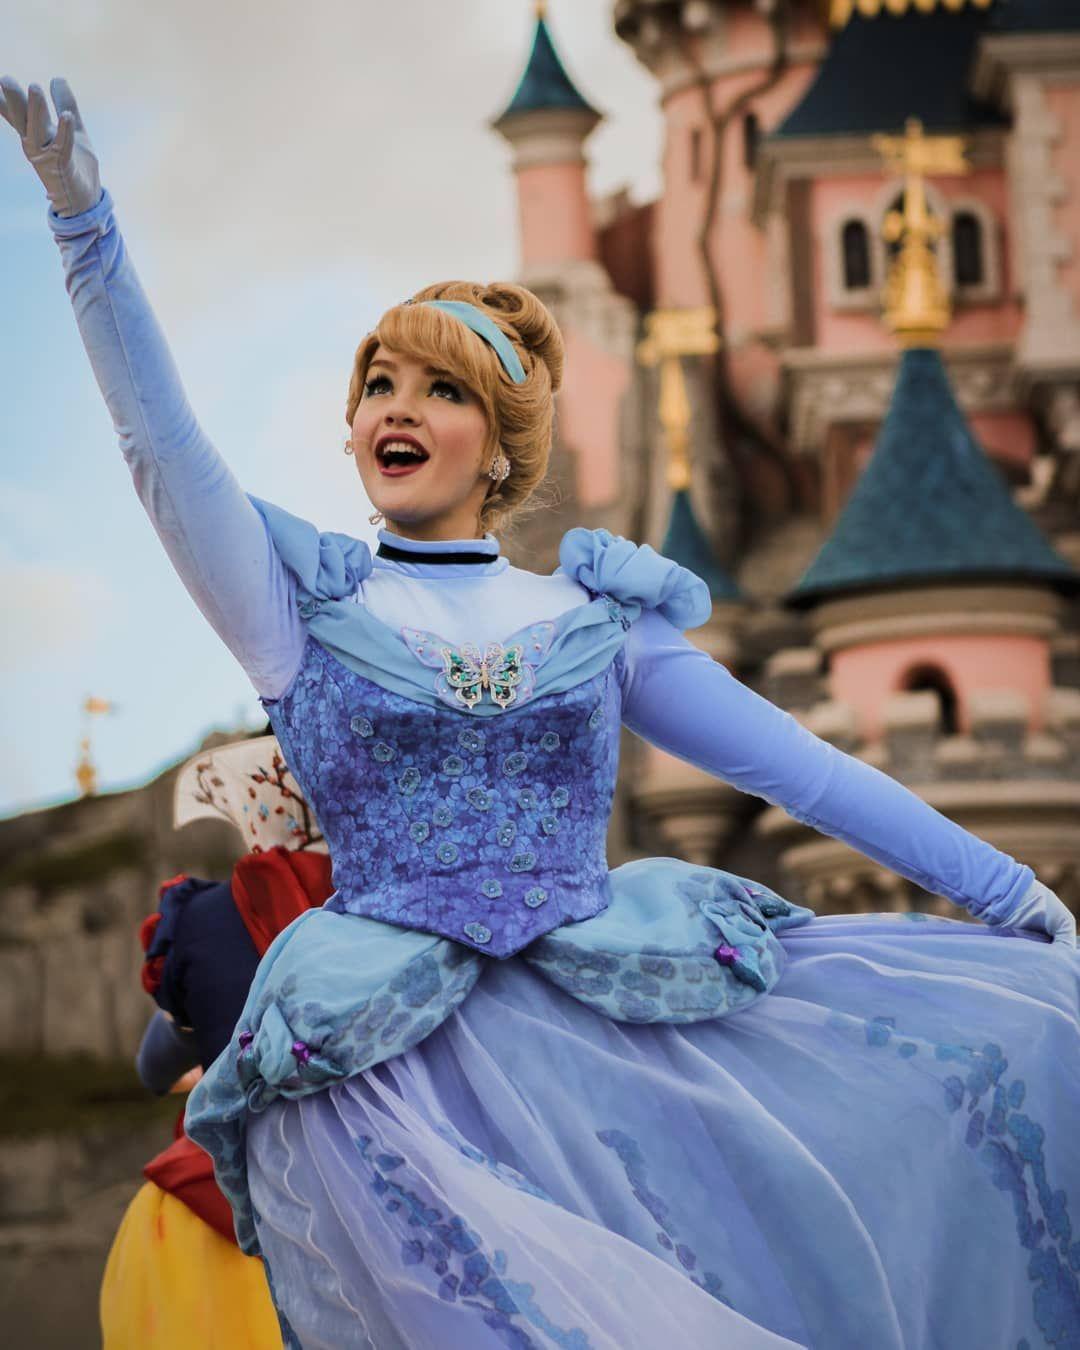 L Image Contient Peut Etre Une Personne Ou Plus Personnes Debout Enfant Et Plein Air Disney Princess Cinderella Disneyland Princess Cinderella Disney